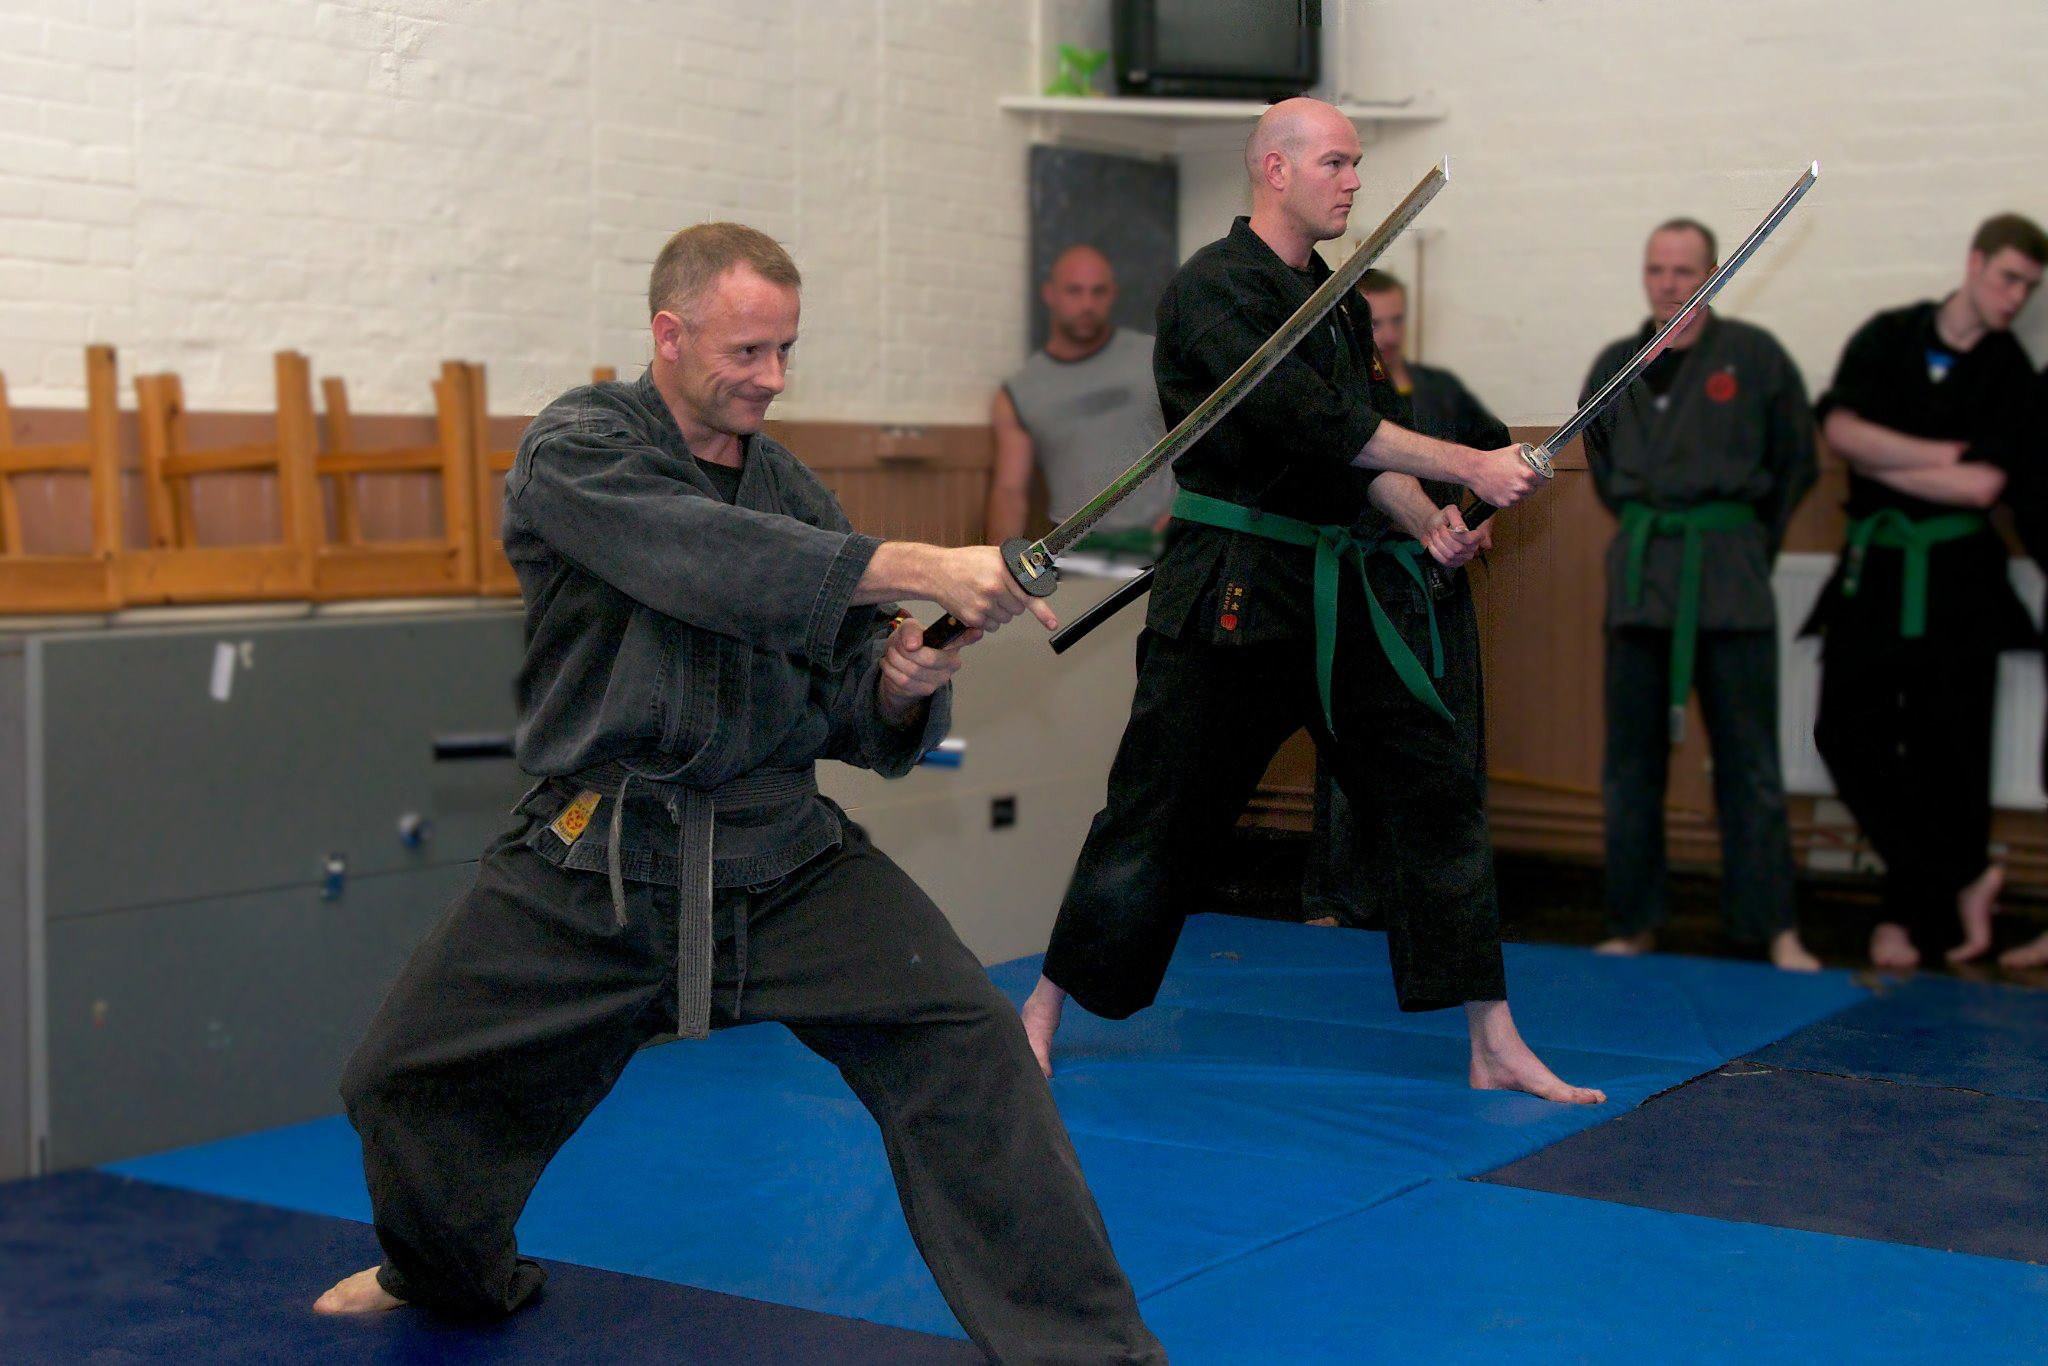 katana sword work